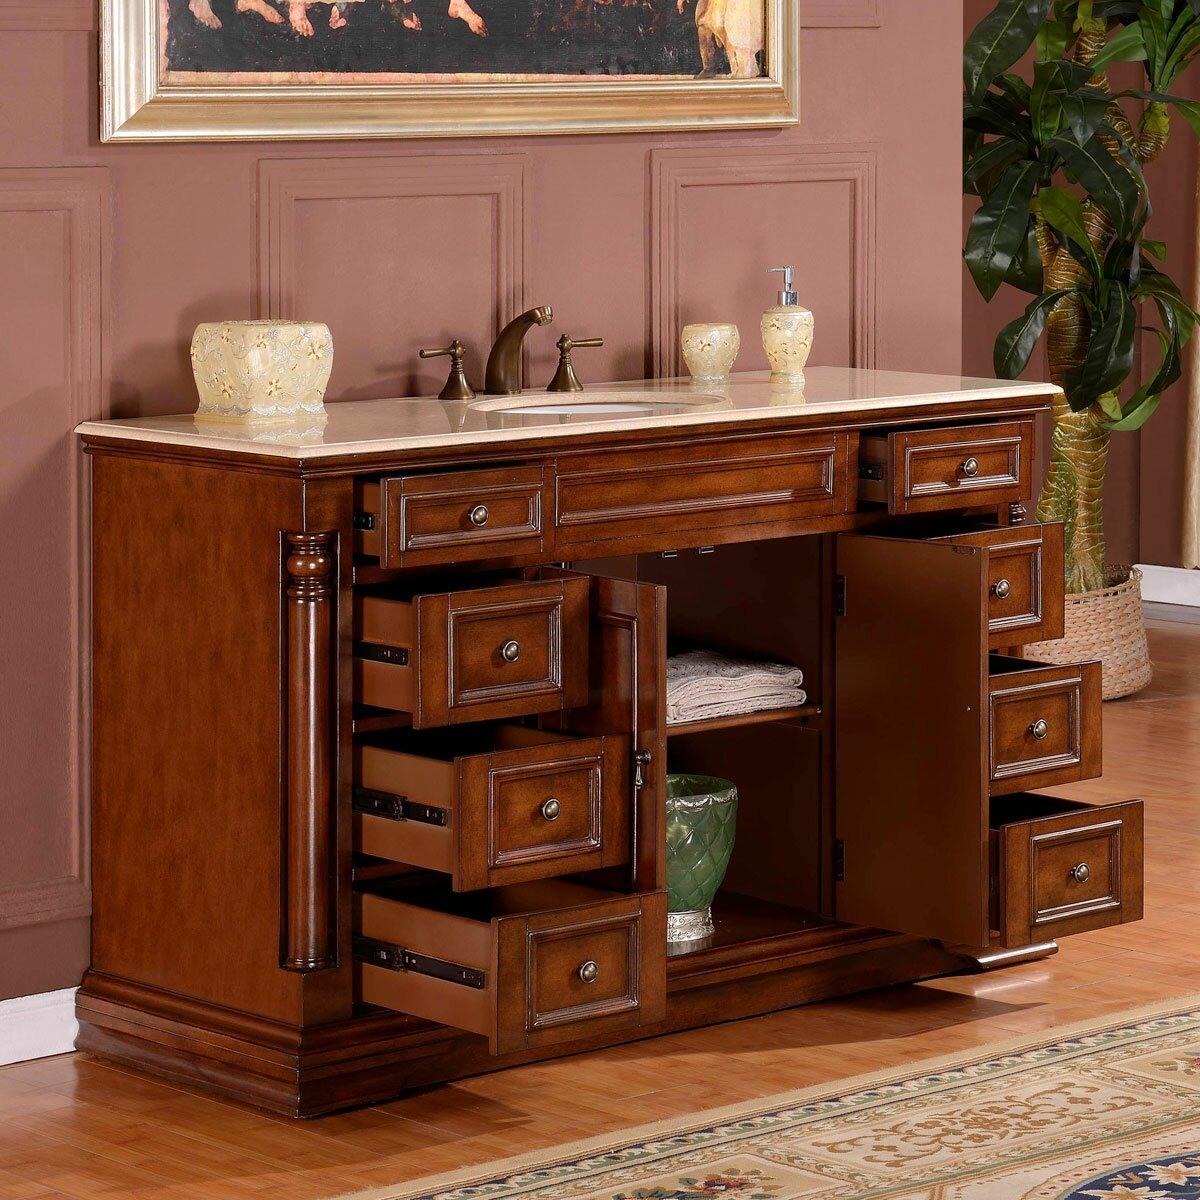 Bathroom Vanity Set Silkroad Exclusive 58 Single Sink Cabinet Bathroom Vanity Set